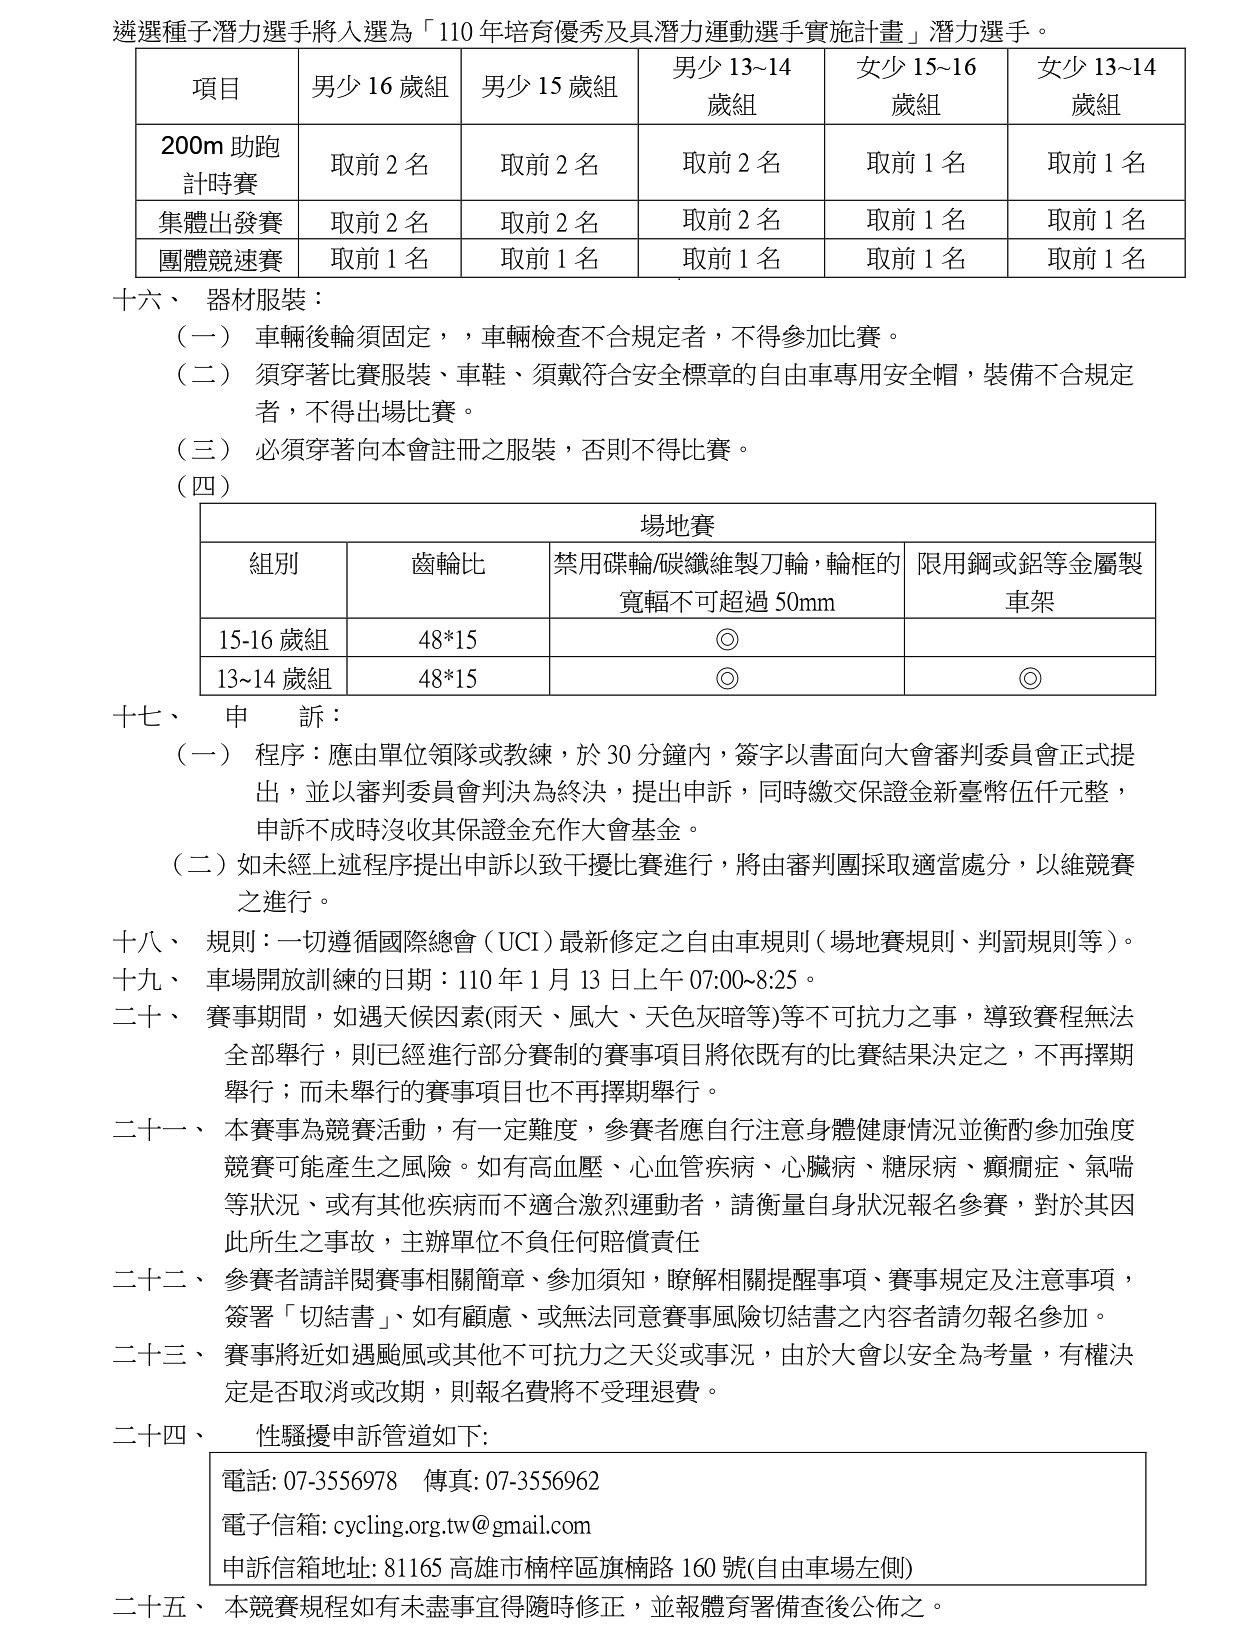 110年全國青少年場地排名賽_競賽規程_page-0003